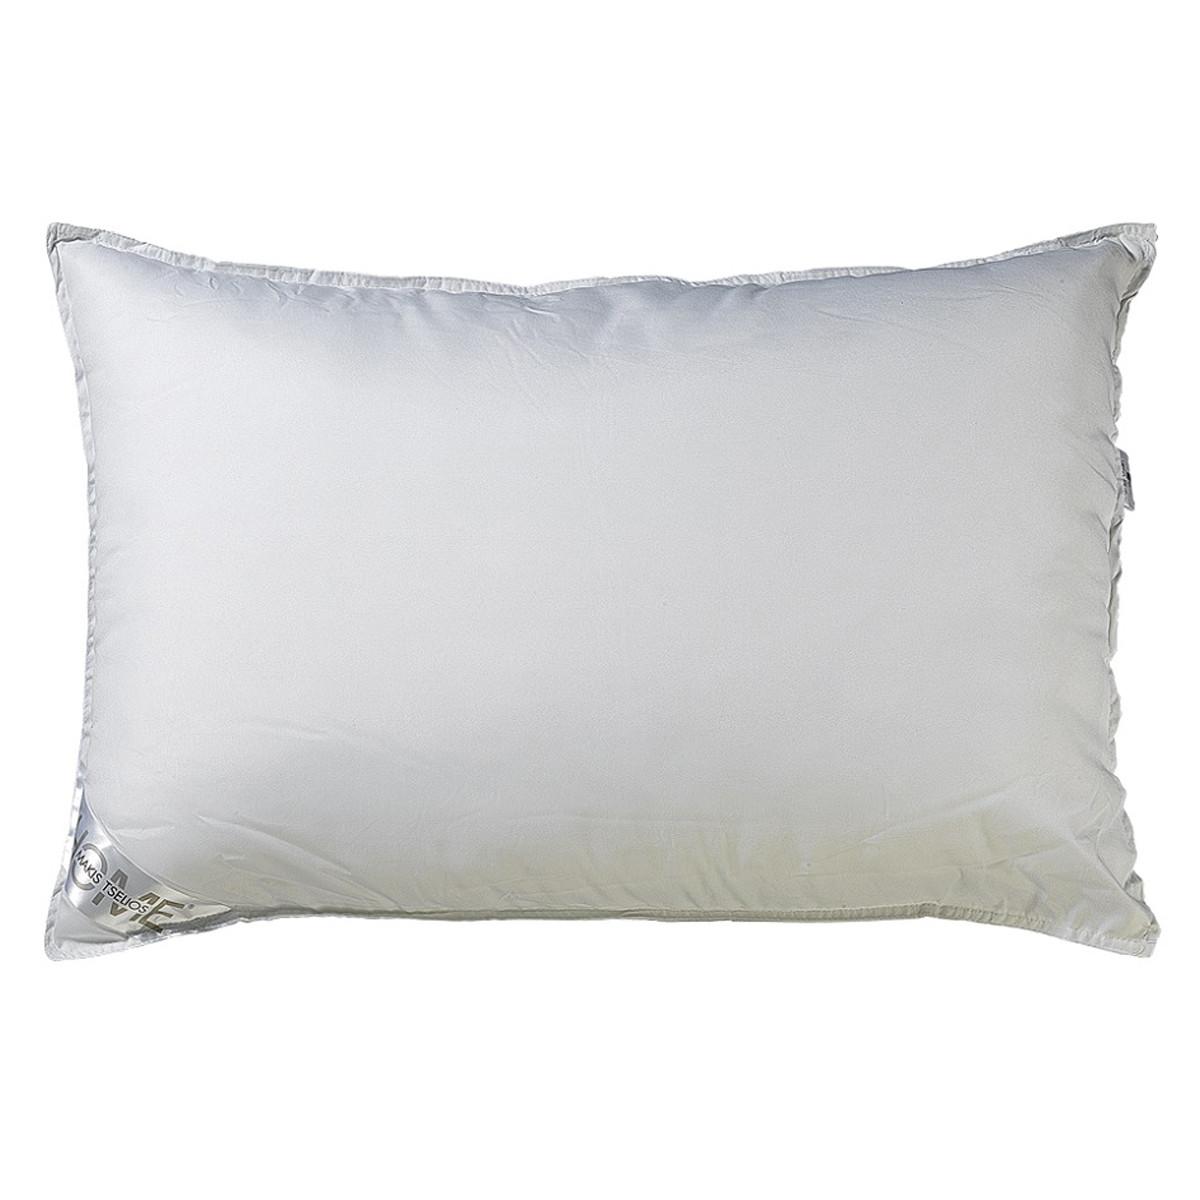 Ζεύγος Μαξιλάρια Ύπνου Makis Tselios Fiber Lux